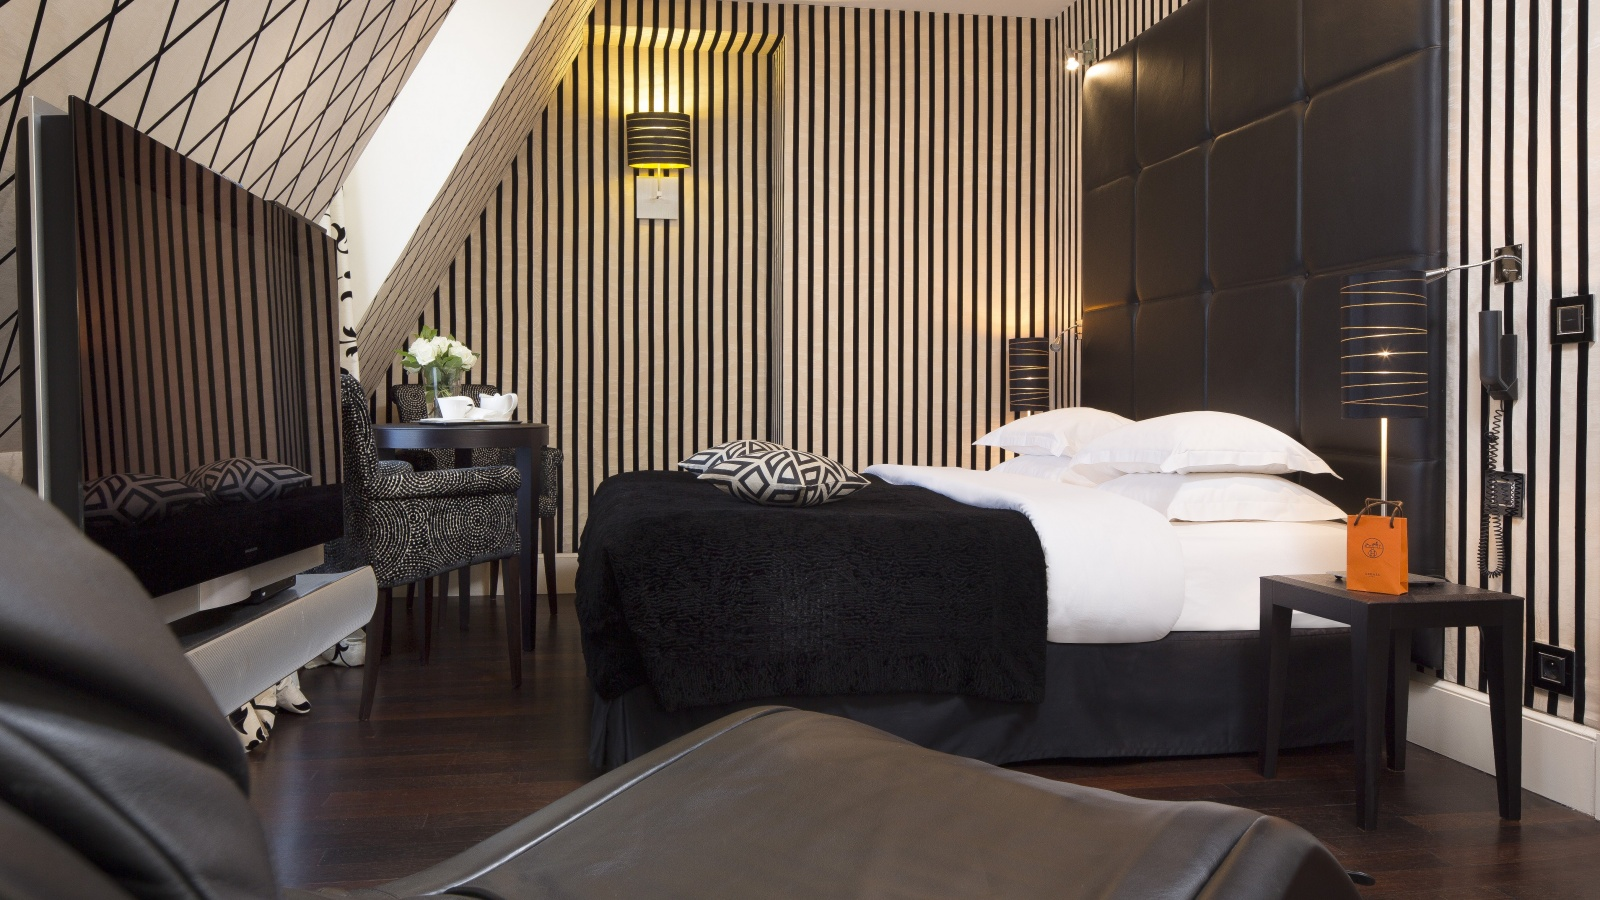 Hotel Ares Eiffel Paris Official Site 4 Star Hotel La Motte